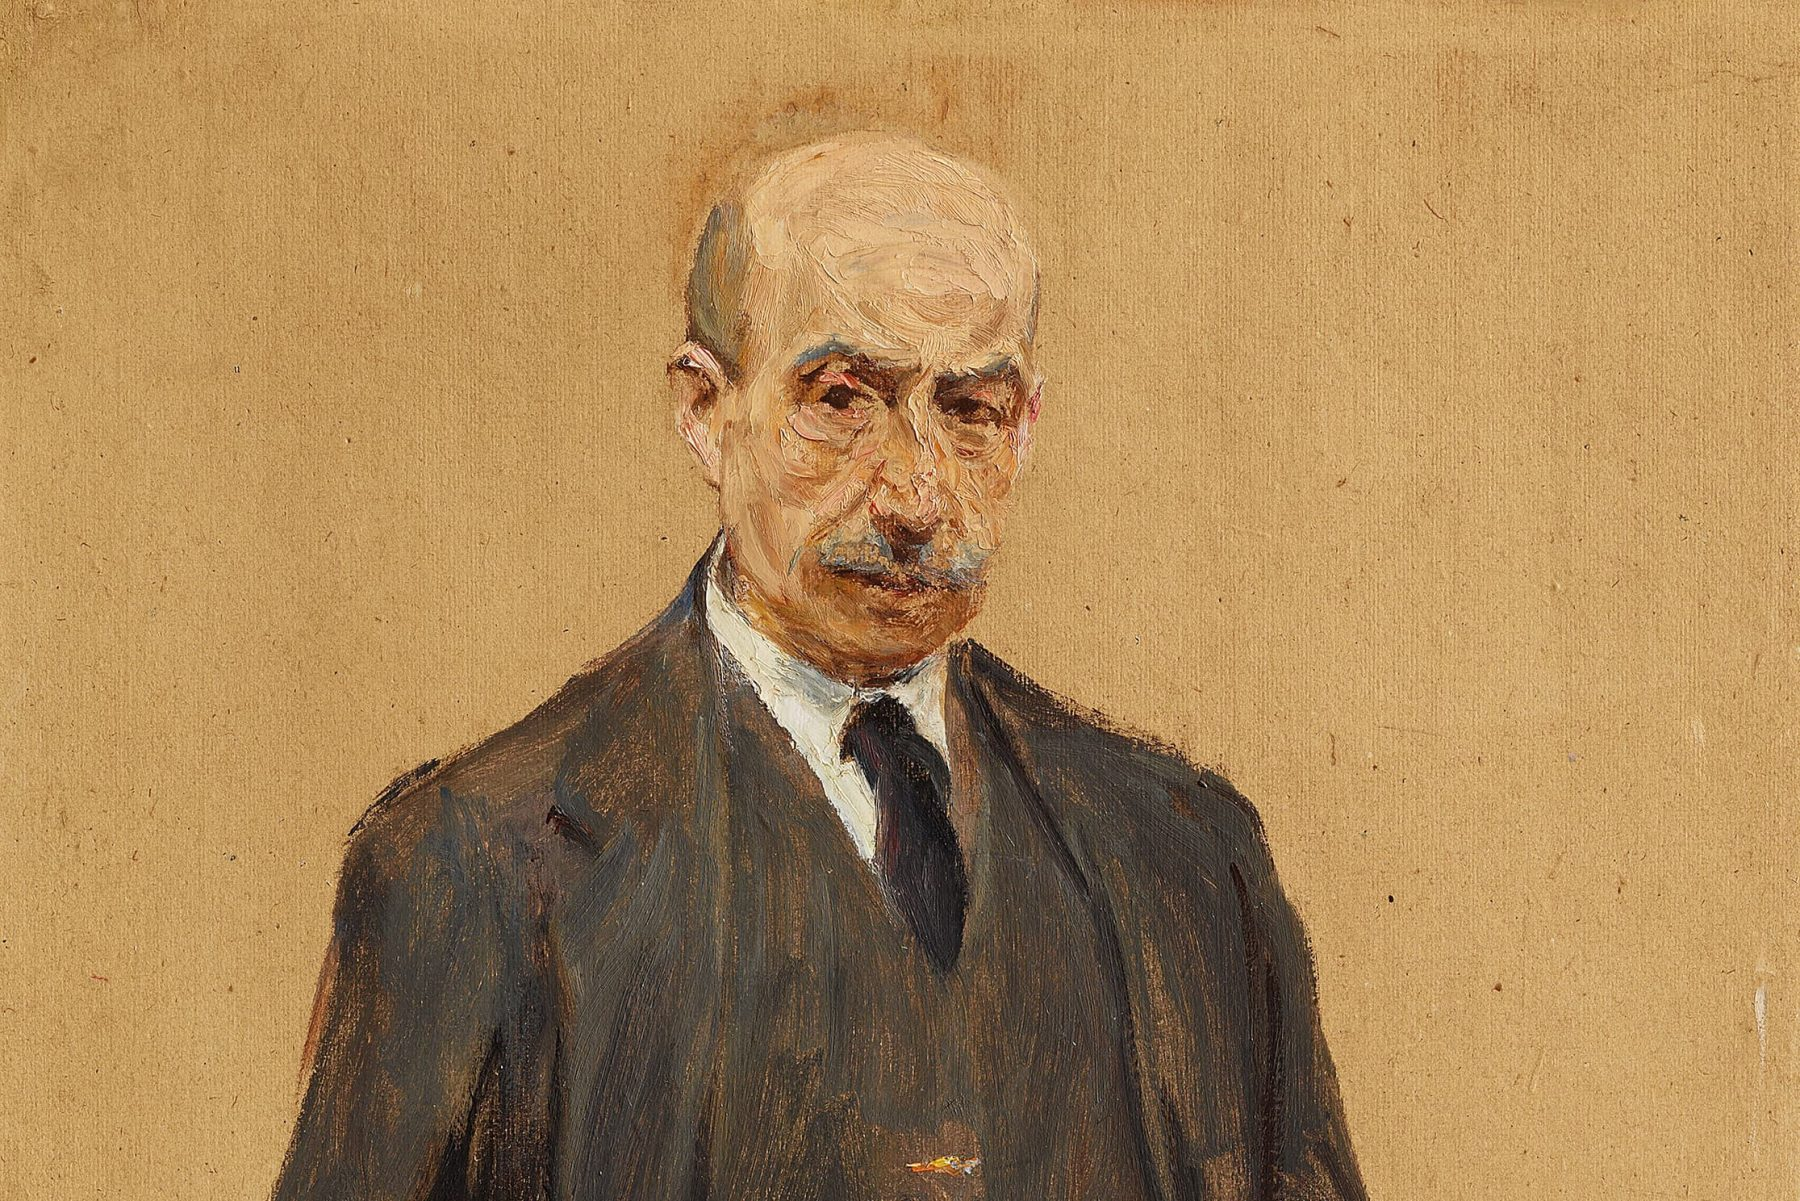 Zu sehen ist ein Selbstbildnis von Max Liebermann. Er steht im dunklen Anzug vor einem brauenen Hintergrund, die Hände in den Hosentaschen